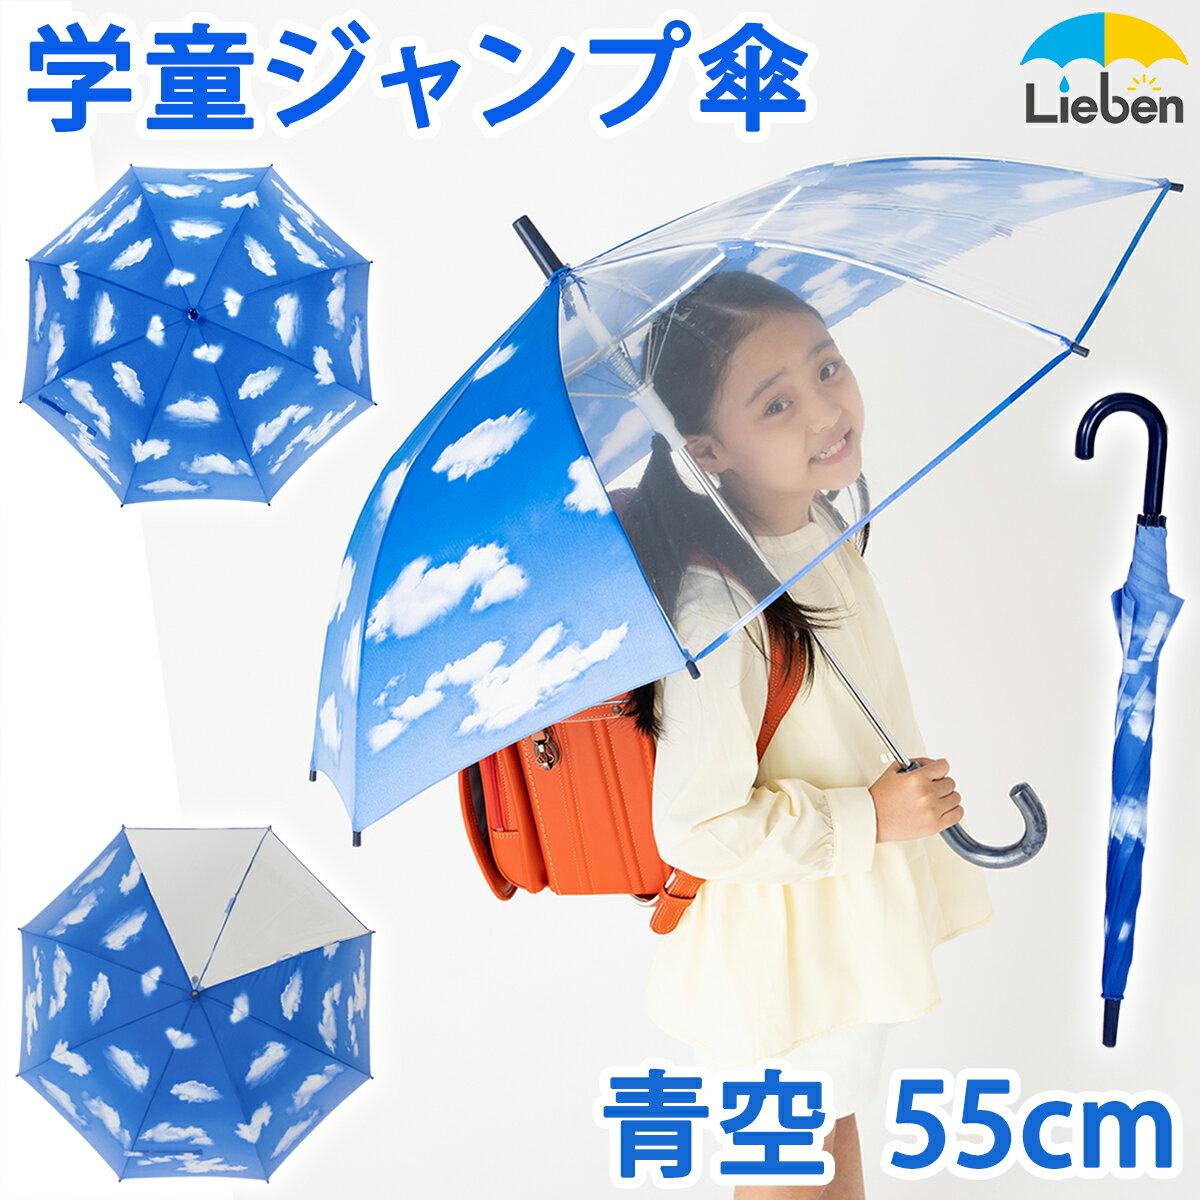 【あす楽】キッズジャンプ傘 青空 55cm×8本骨 【LIEBEN-0380】 子供用かさ 子供傘 学童 こども naga